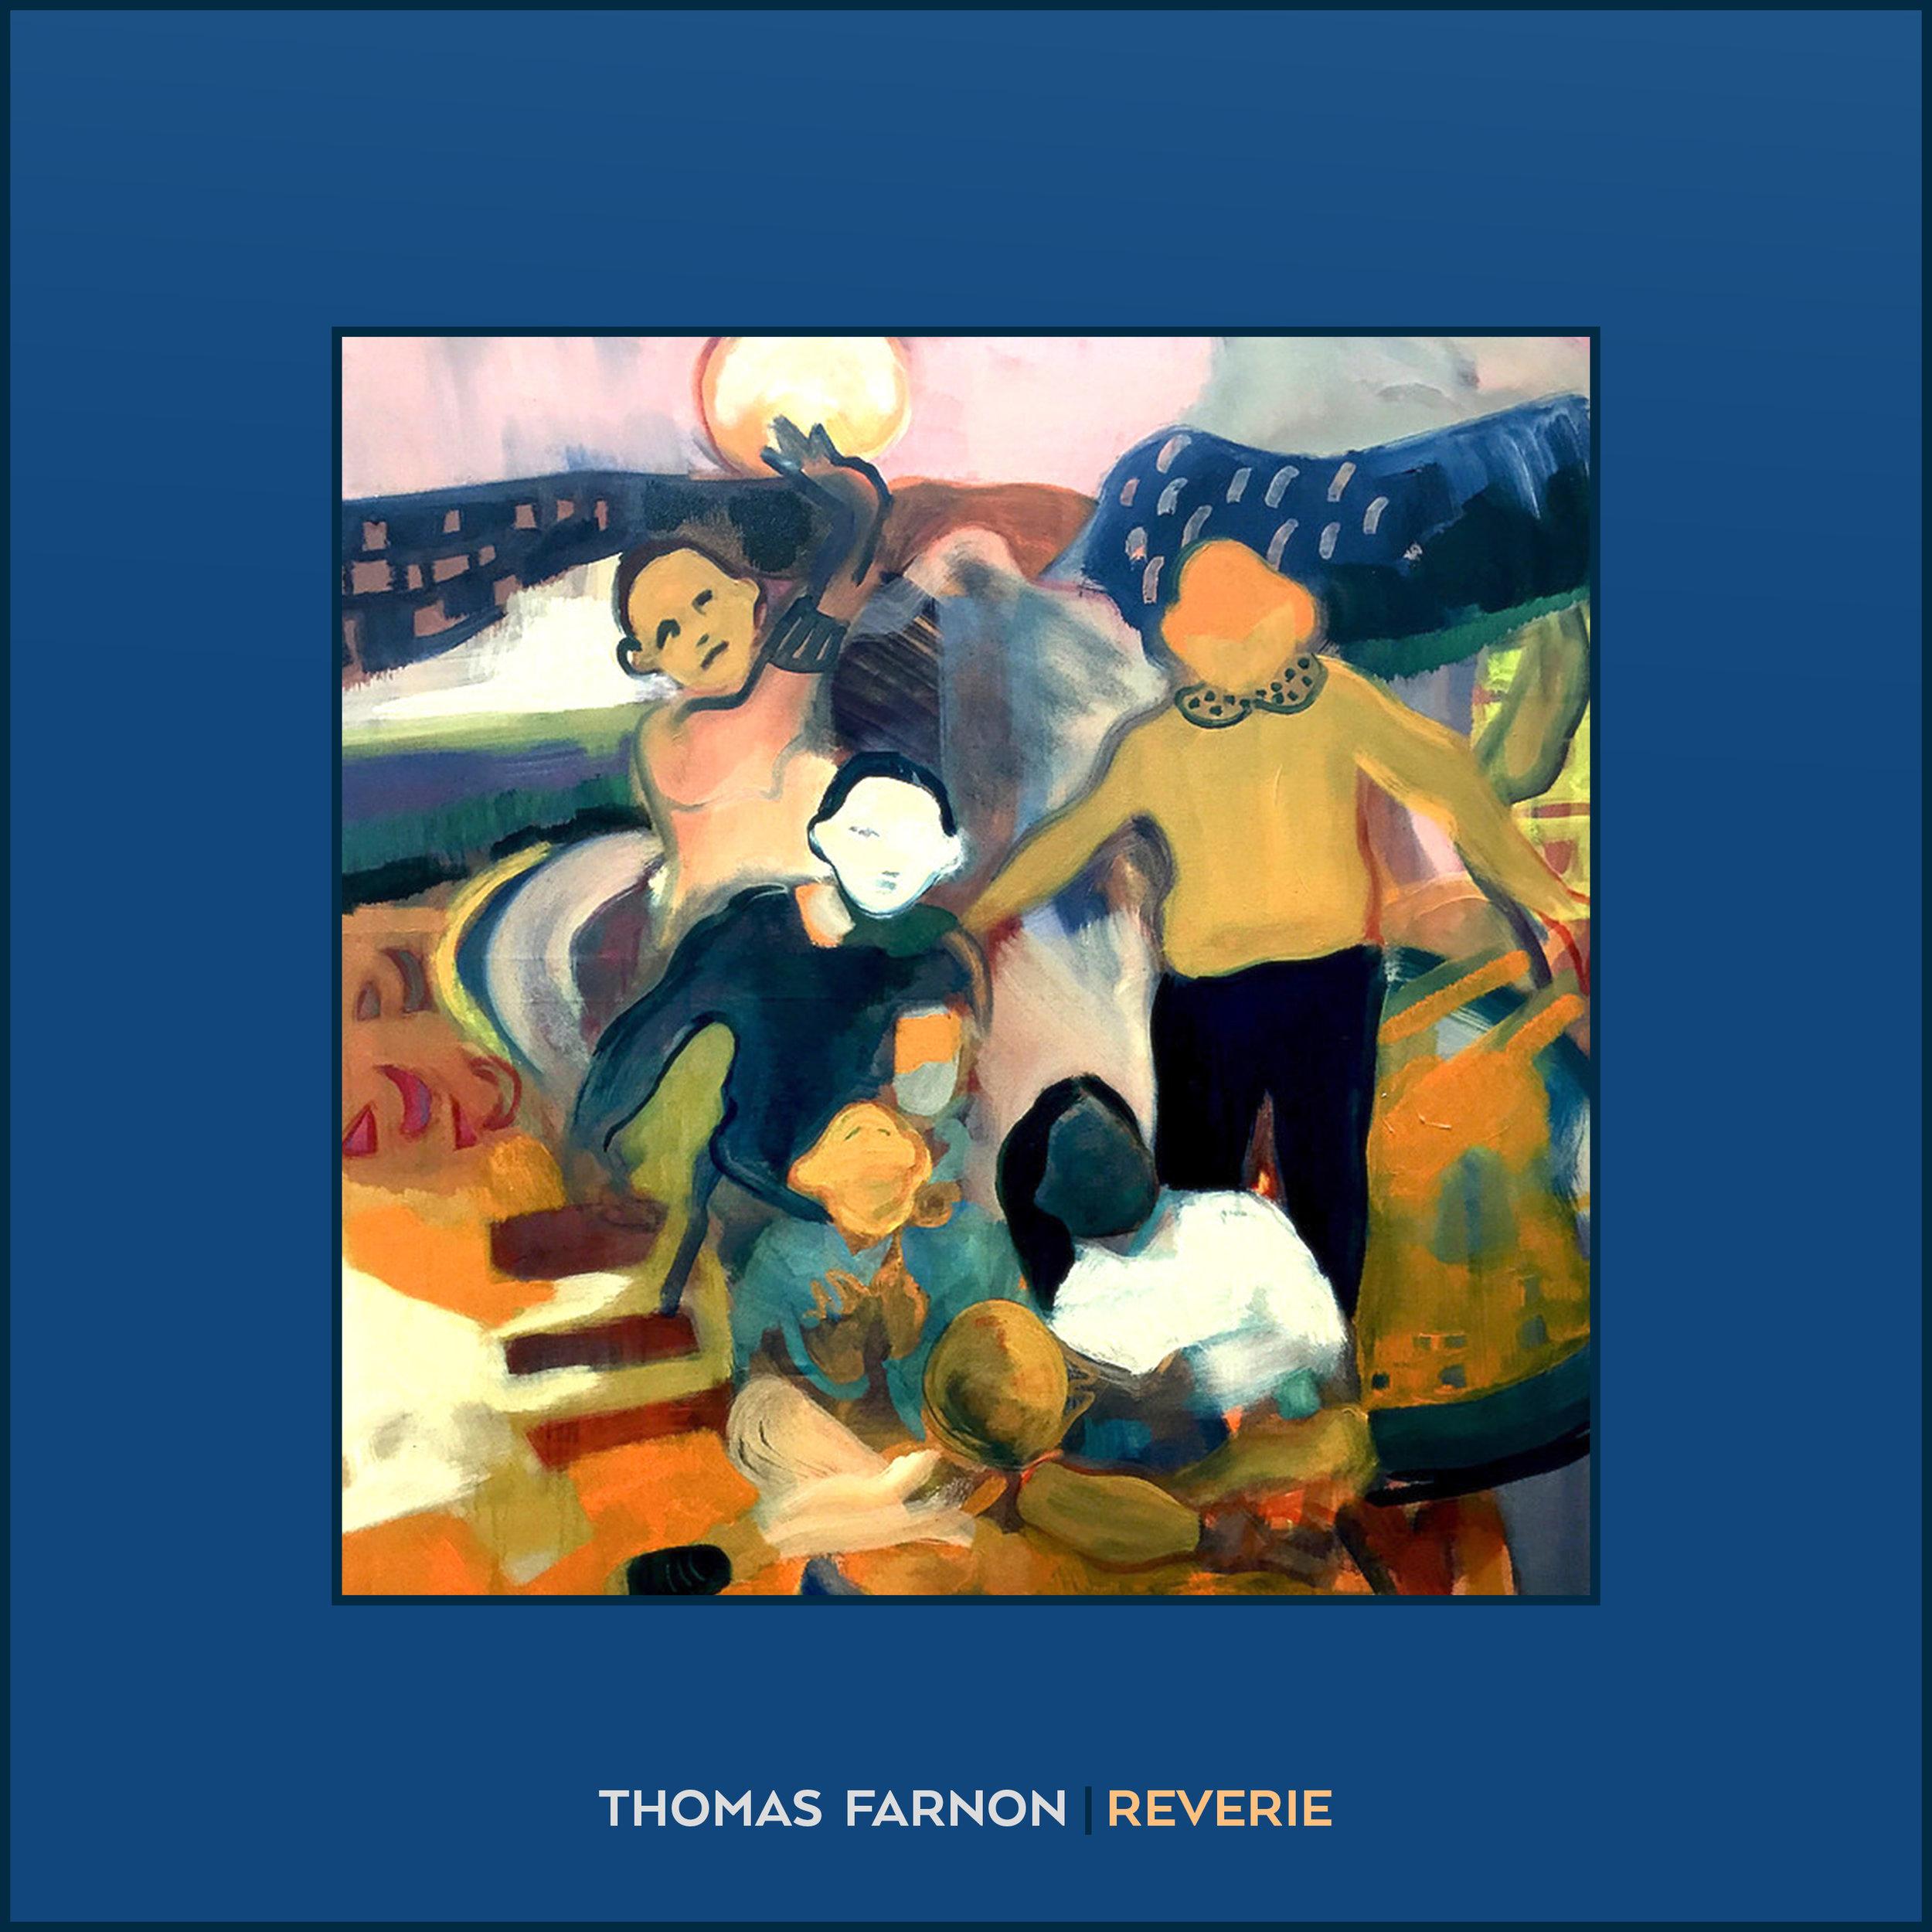 Reverie | Thomas Farnon (2019) -